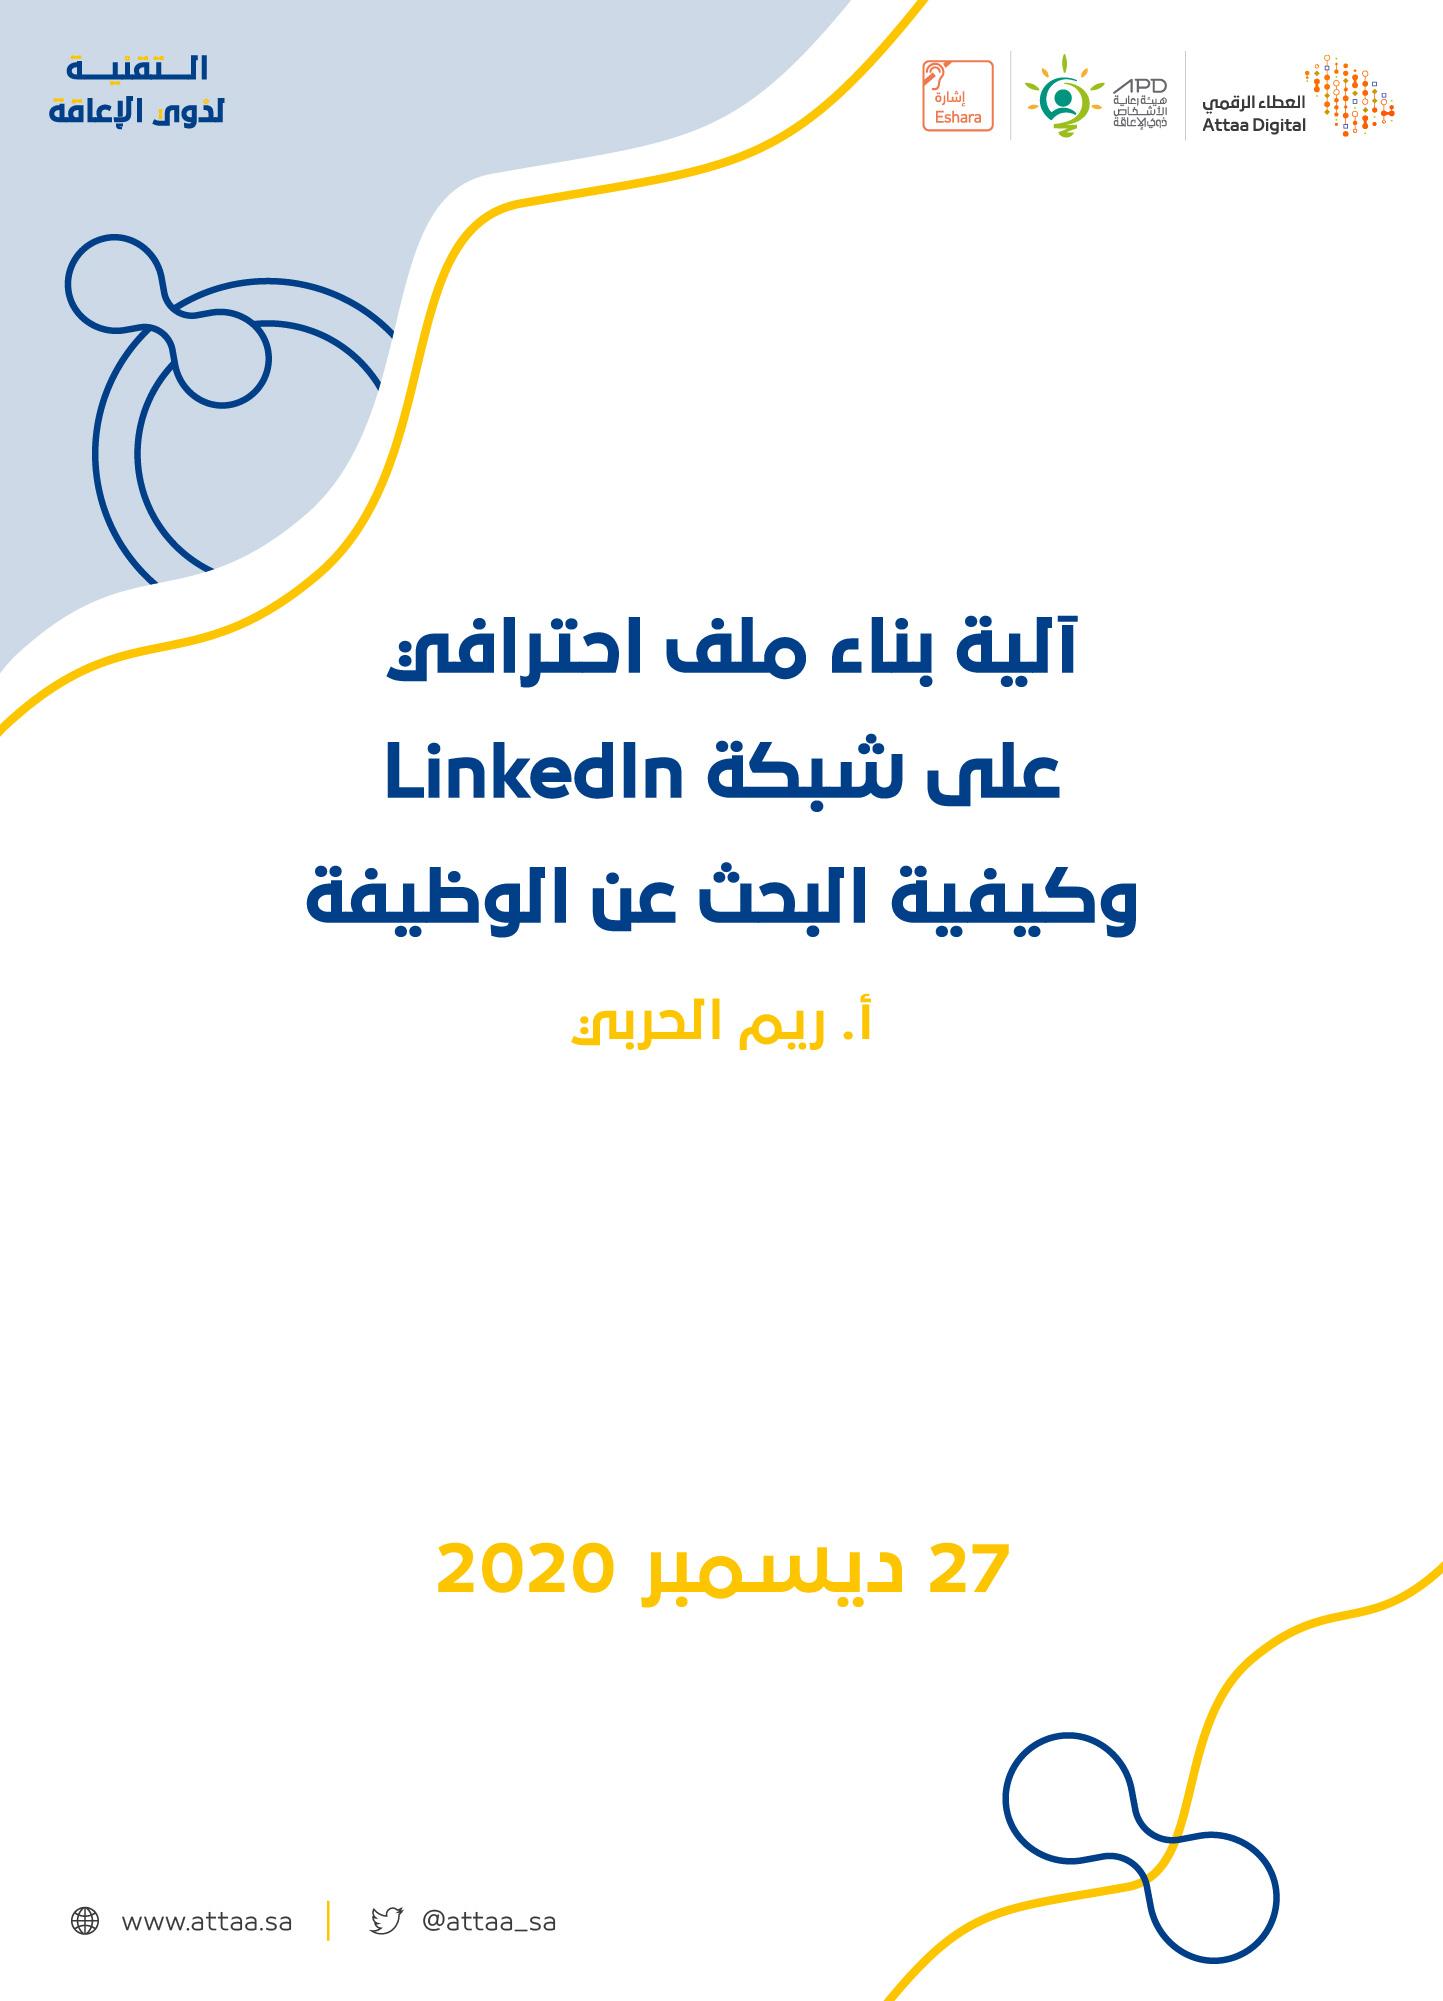 آلية بناء ملف احترافي على شبكة LinkedIn وكيفية البحث عن الوظيفة